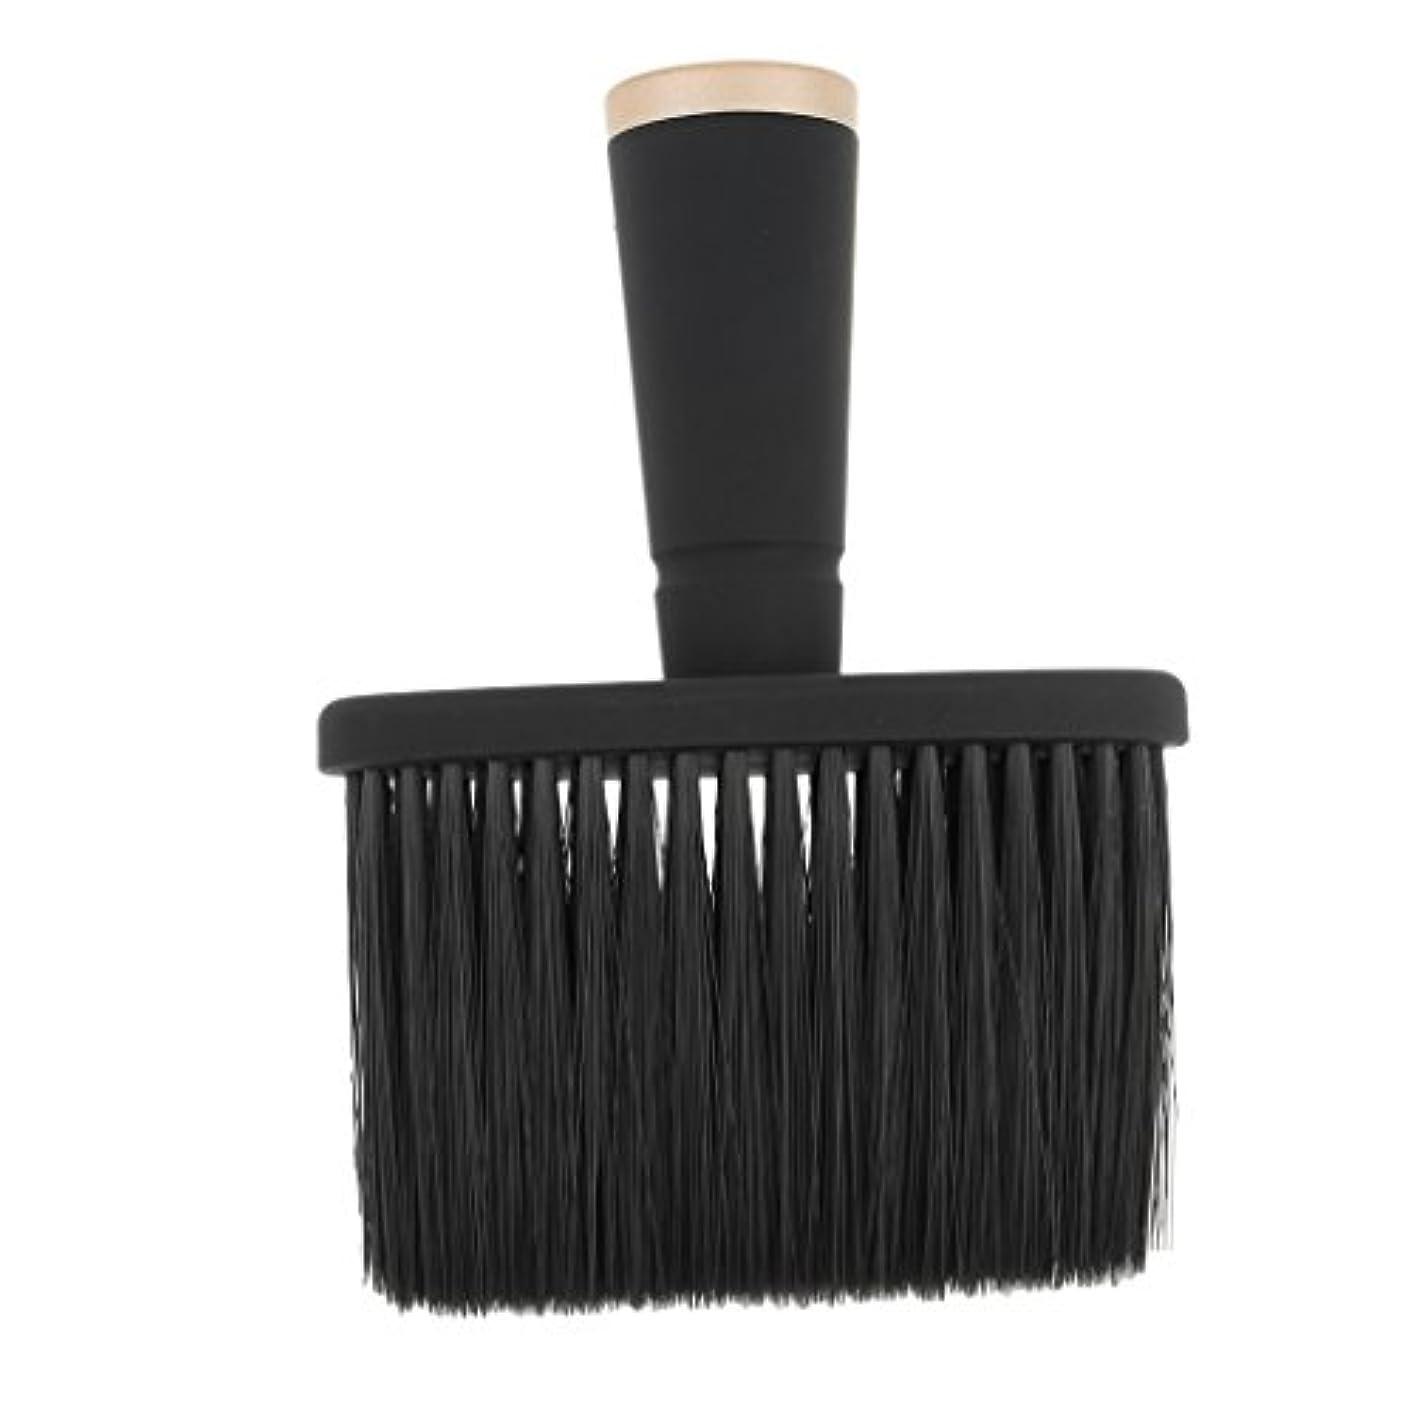 葉っぱ繊毛逮捕Toygogo プロの理髪師の首のダスターのブラシ、毛の切断のための柔らかいクリーニングの表面ブラシ、携帯用設計 - ゴールド